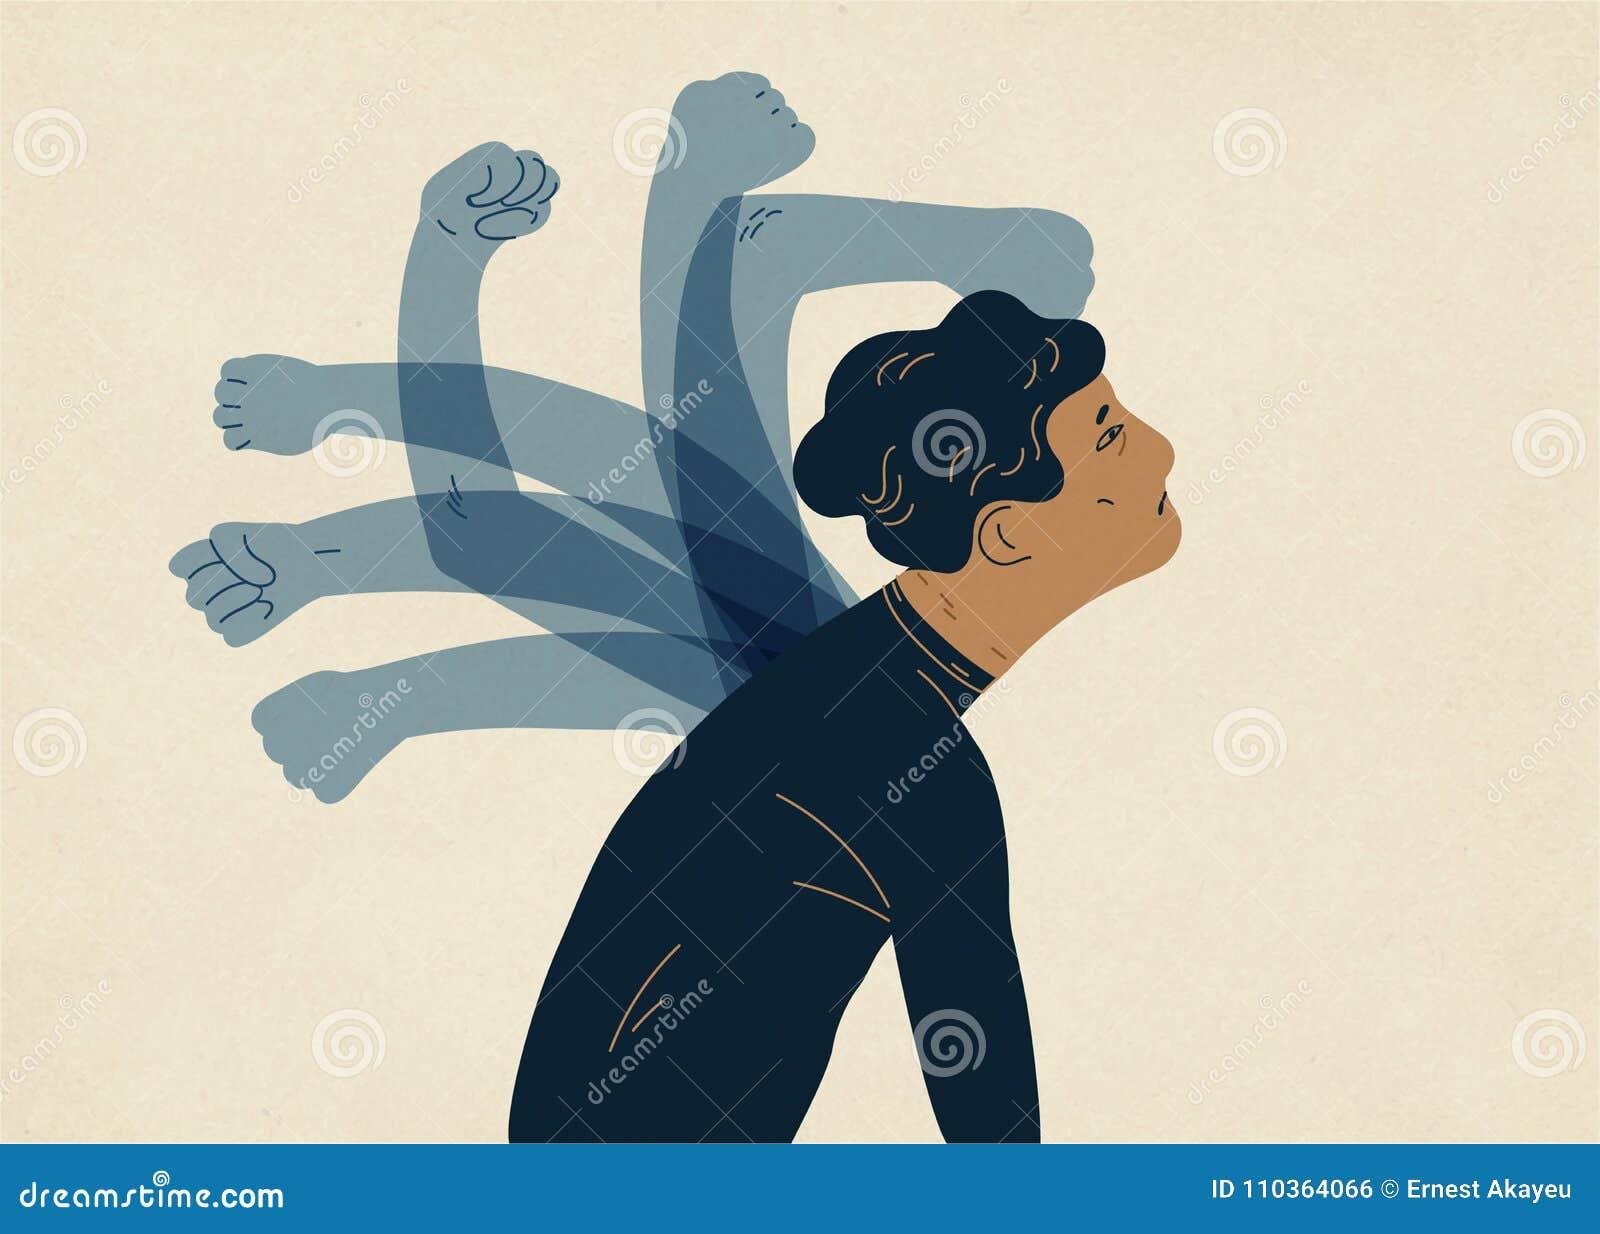 Lichtdurchlässige gespenstische Hände, die Mann schlagen Konzept der psychologischen SelbstGeißelung, Selbstbestrafung, Selbstern